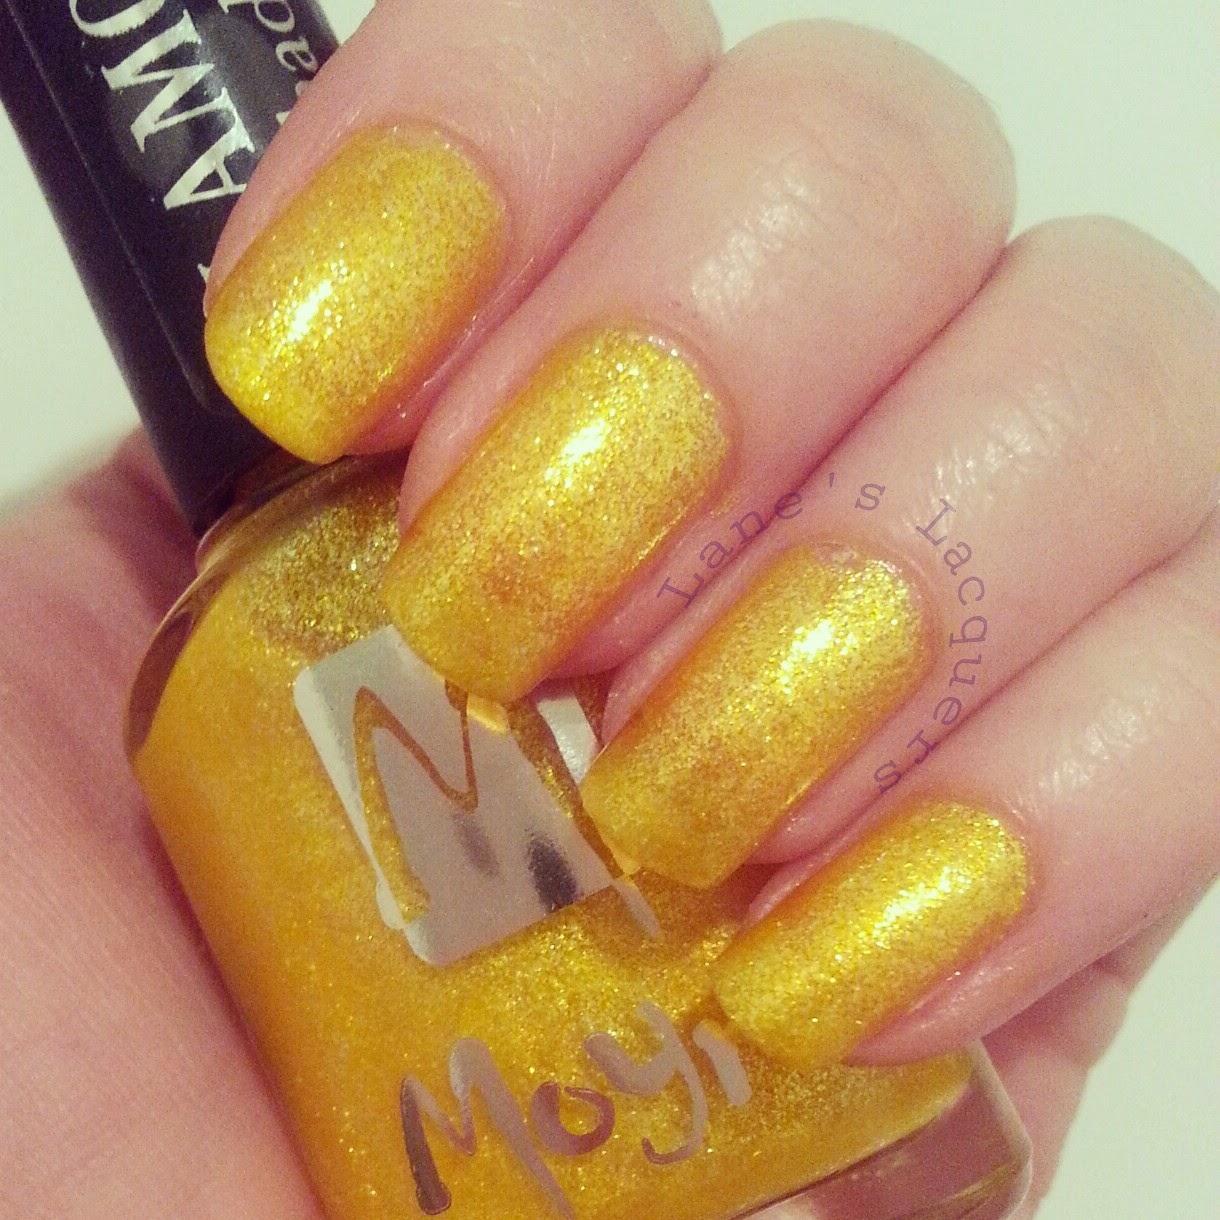 moyra-uk-no-802-swatch-nails